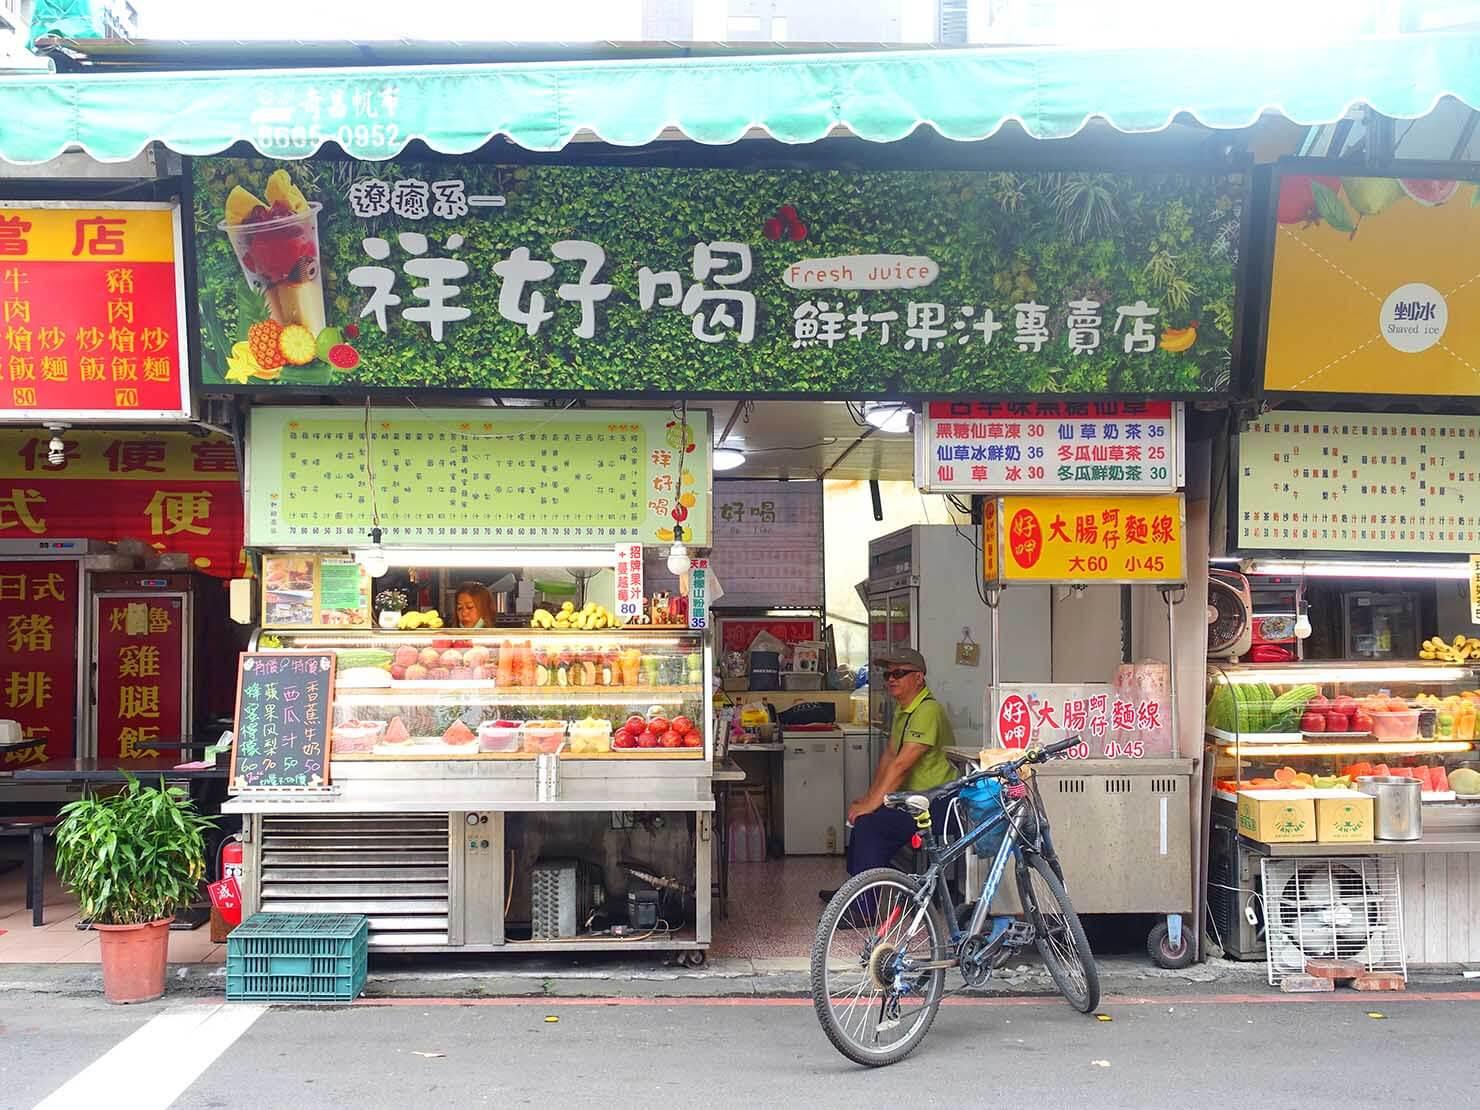 台北・遼寧街夜市のおすすめジューススタンド「祥好喝現打果汁專賣店」の外観